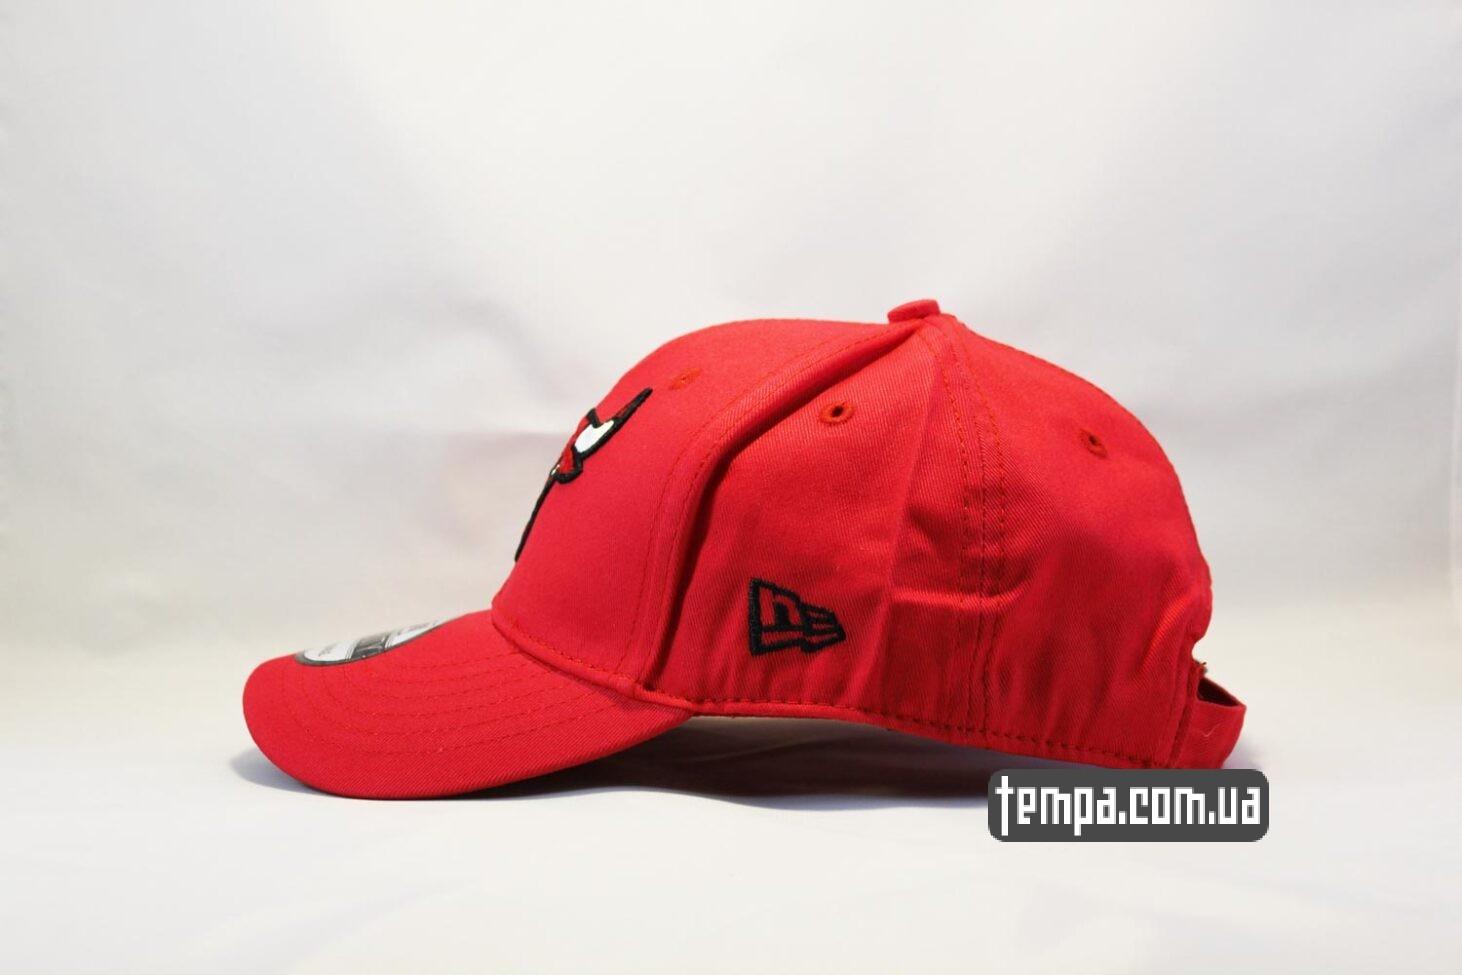 снепбек баскетбольный кепка бейсболка Chicago Bulls New Era 9TWENTY красная с быком